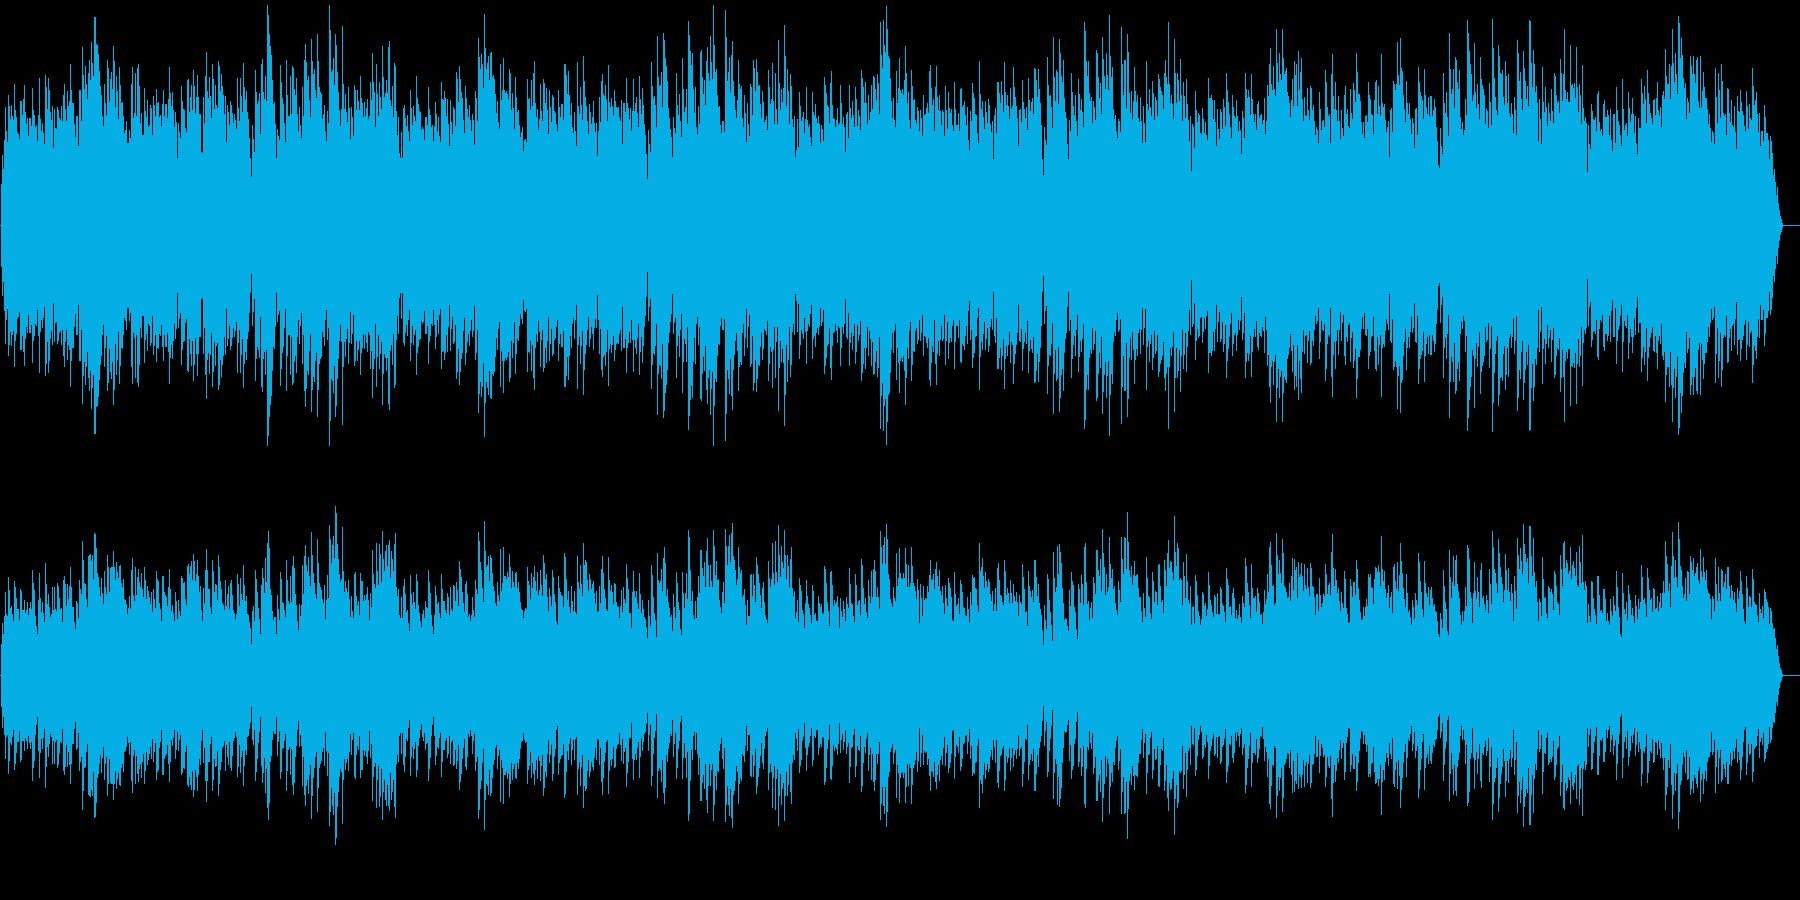 悲しい雰囲気のゆっくりなメロディーの再生済みの波形